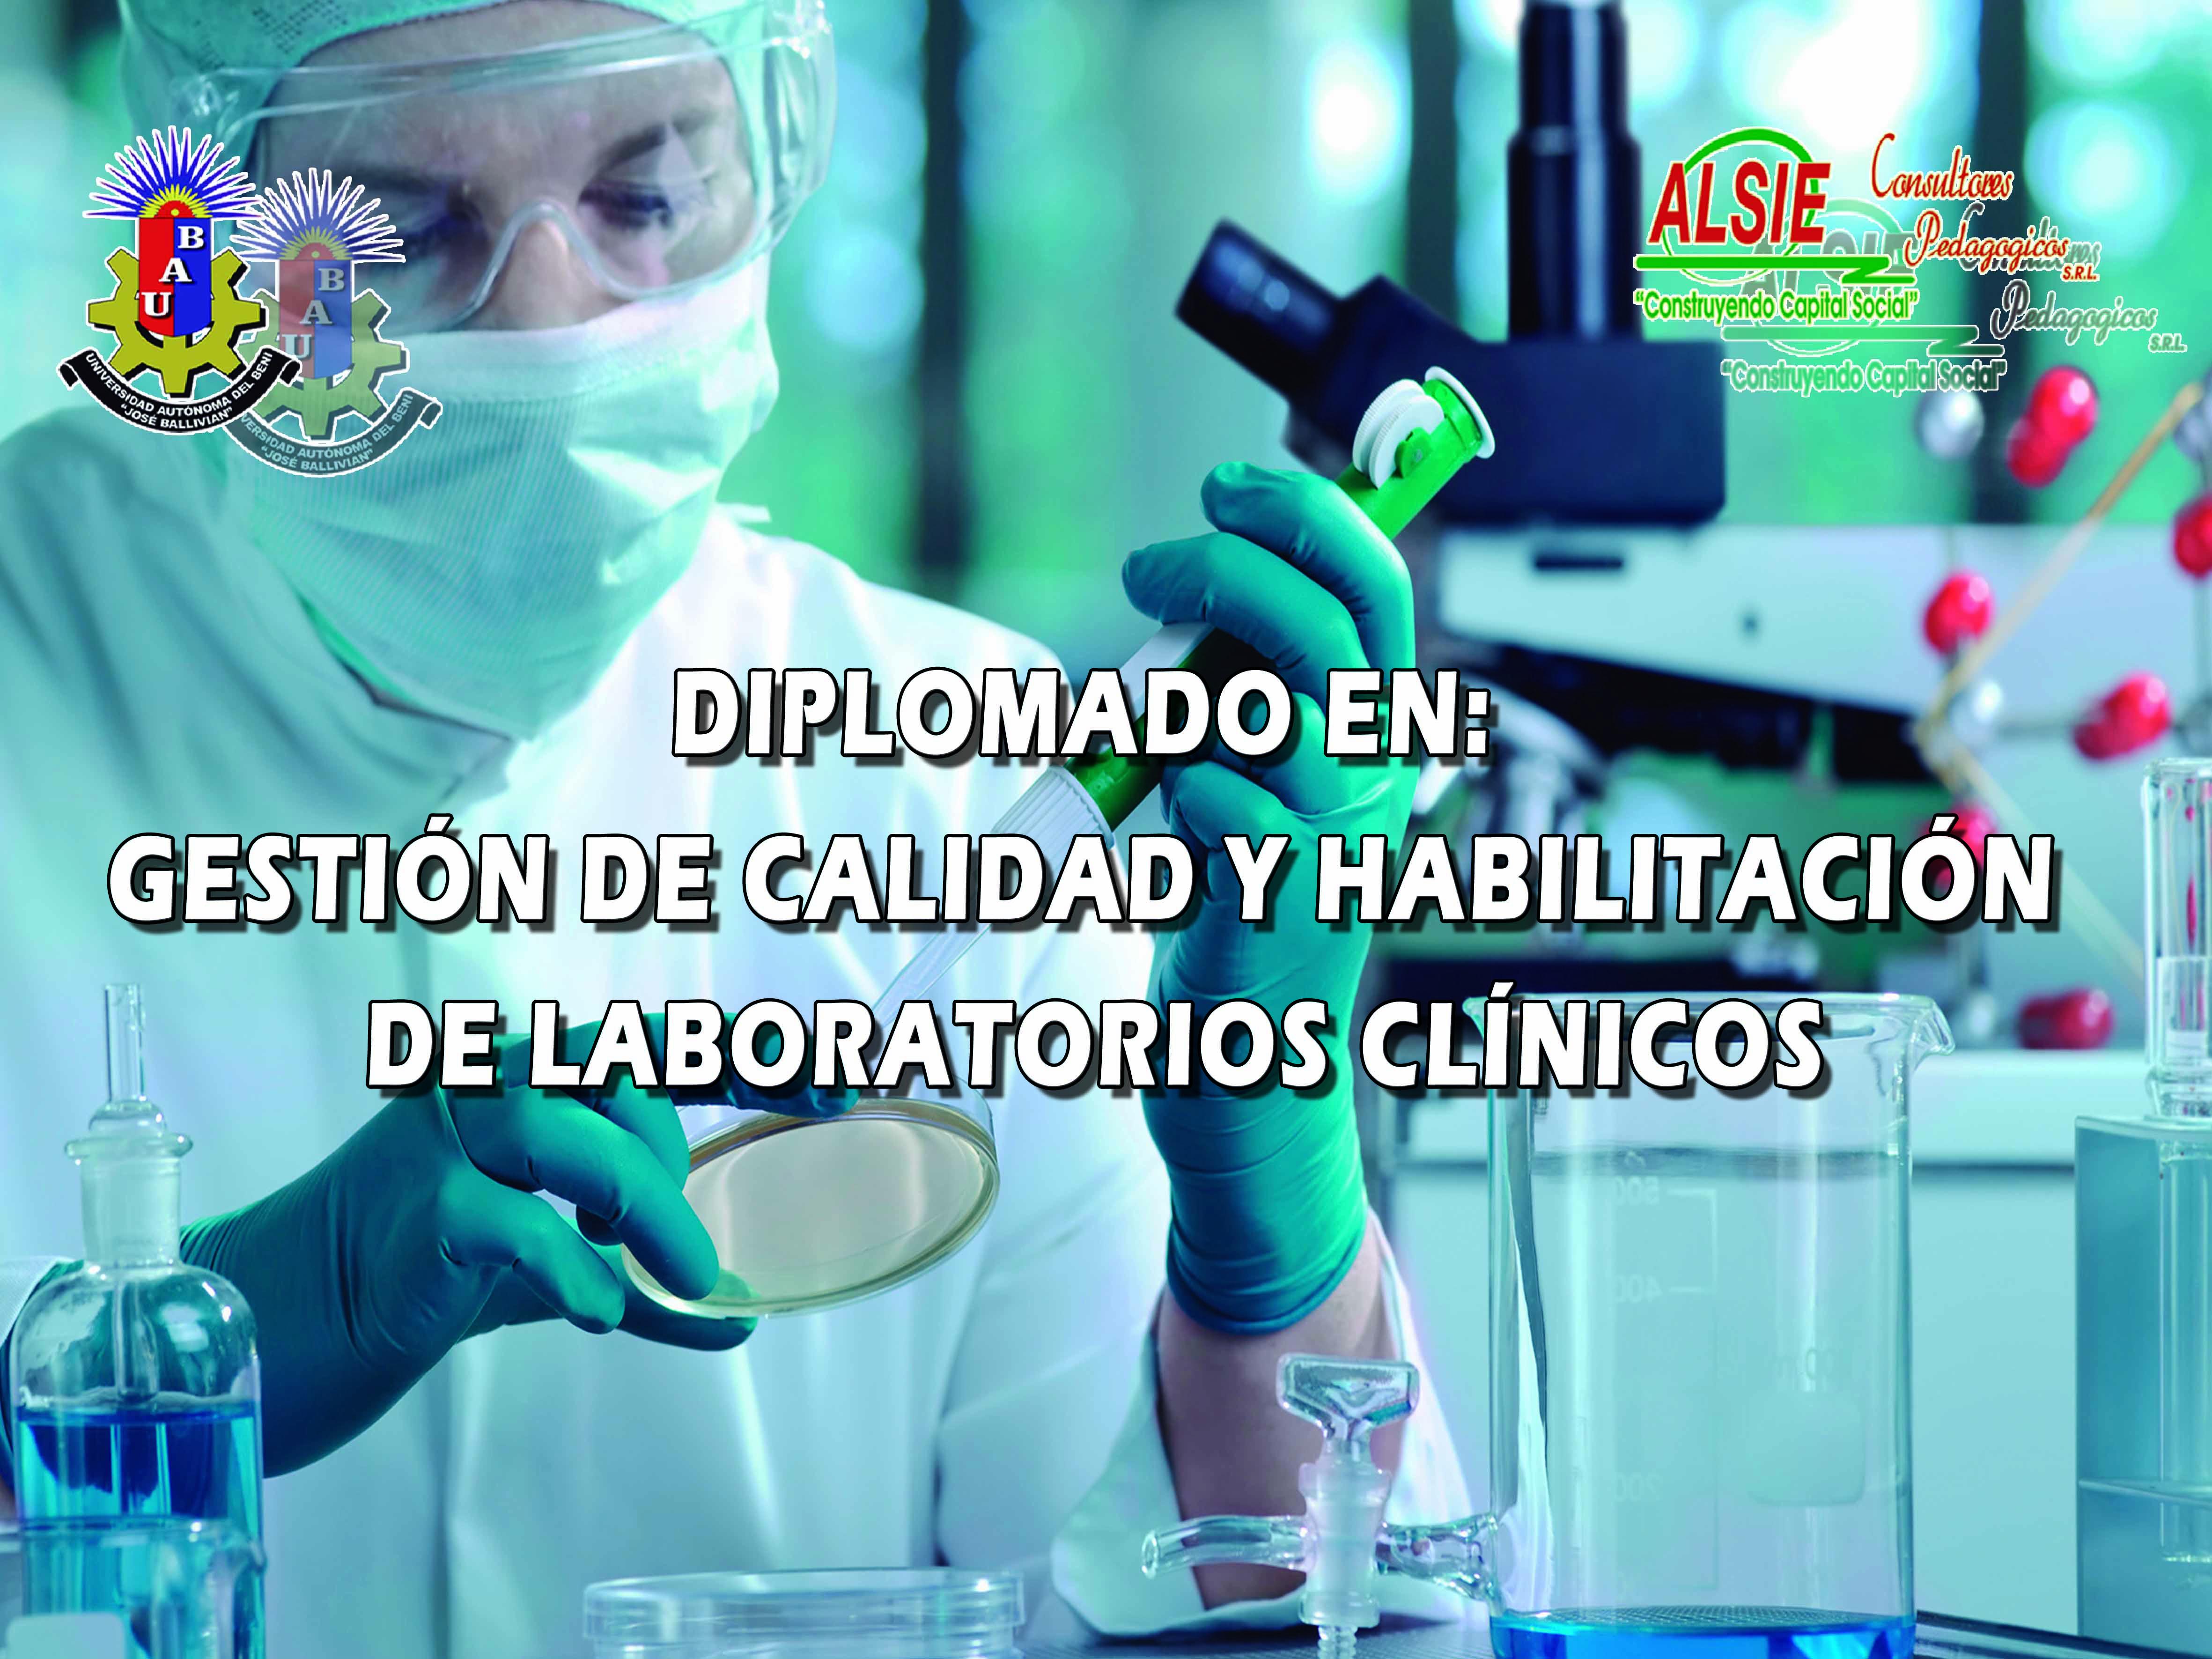 Diplomado en Gestión de Calidad y Habilitación de Laboratorios Clínicos